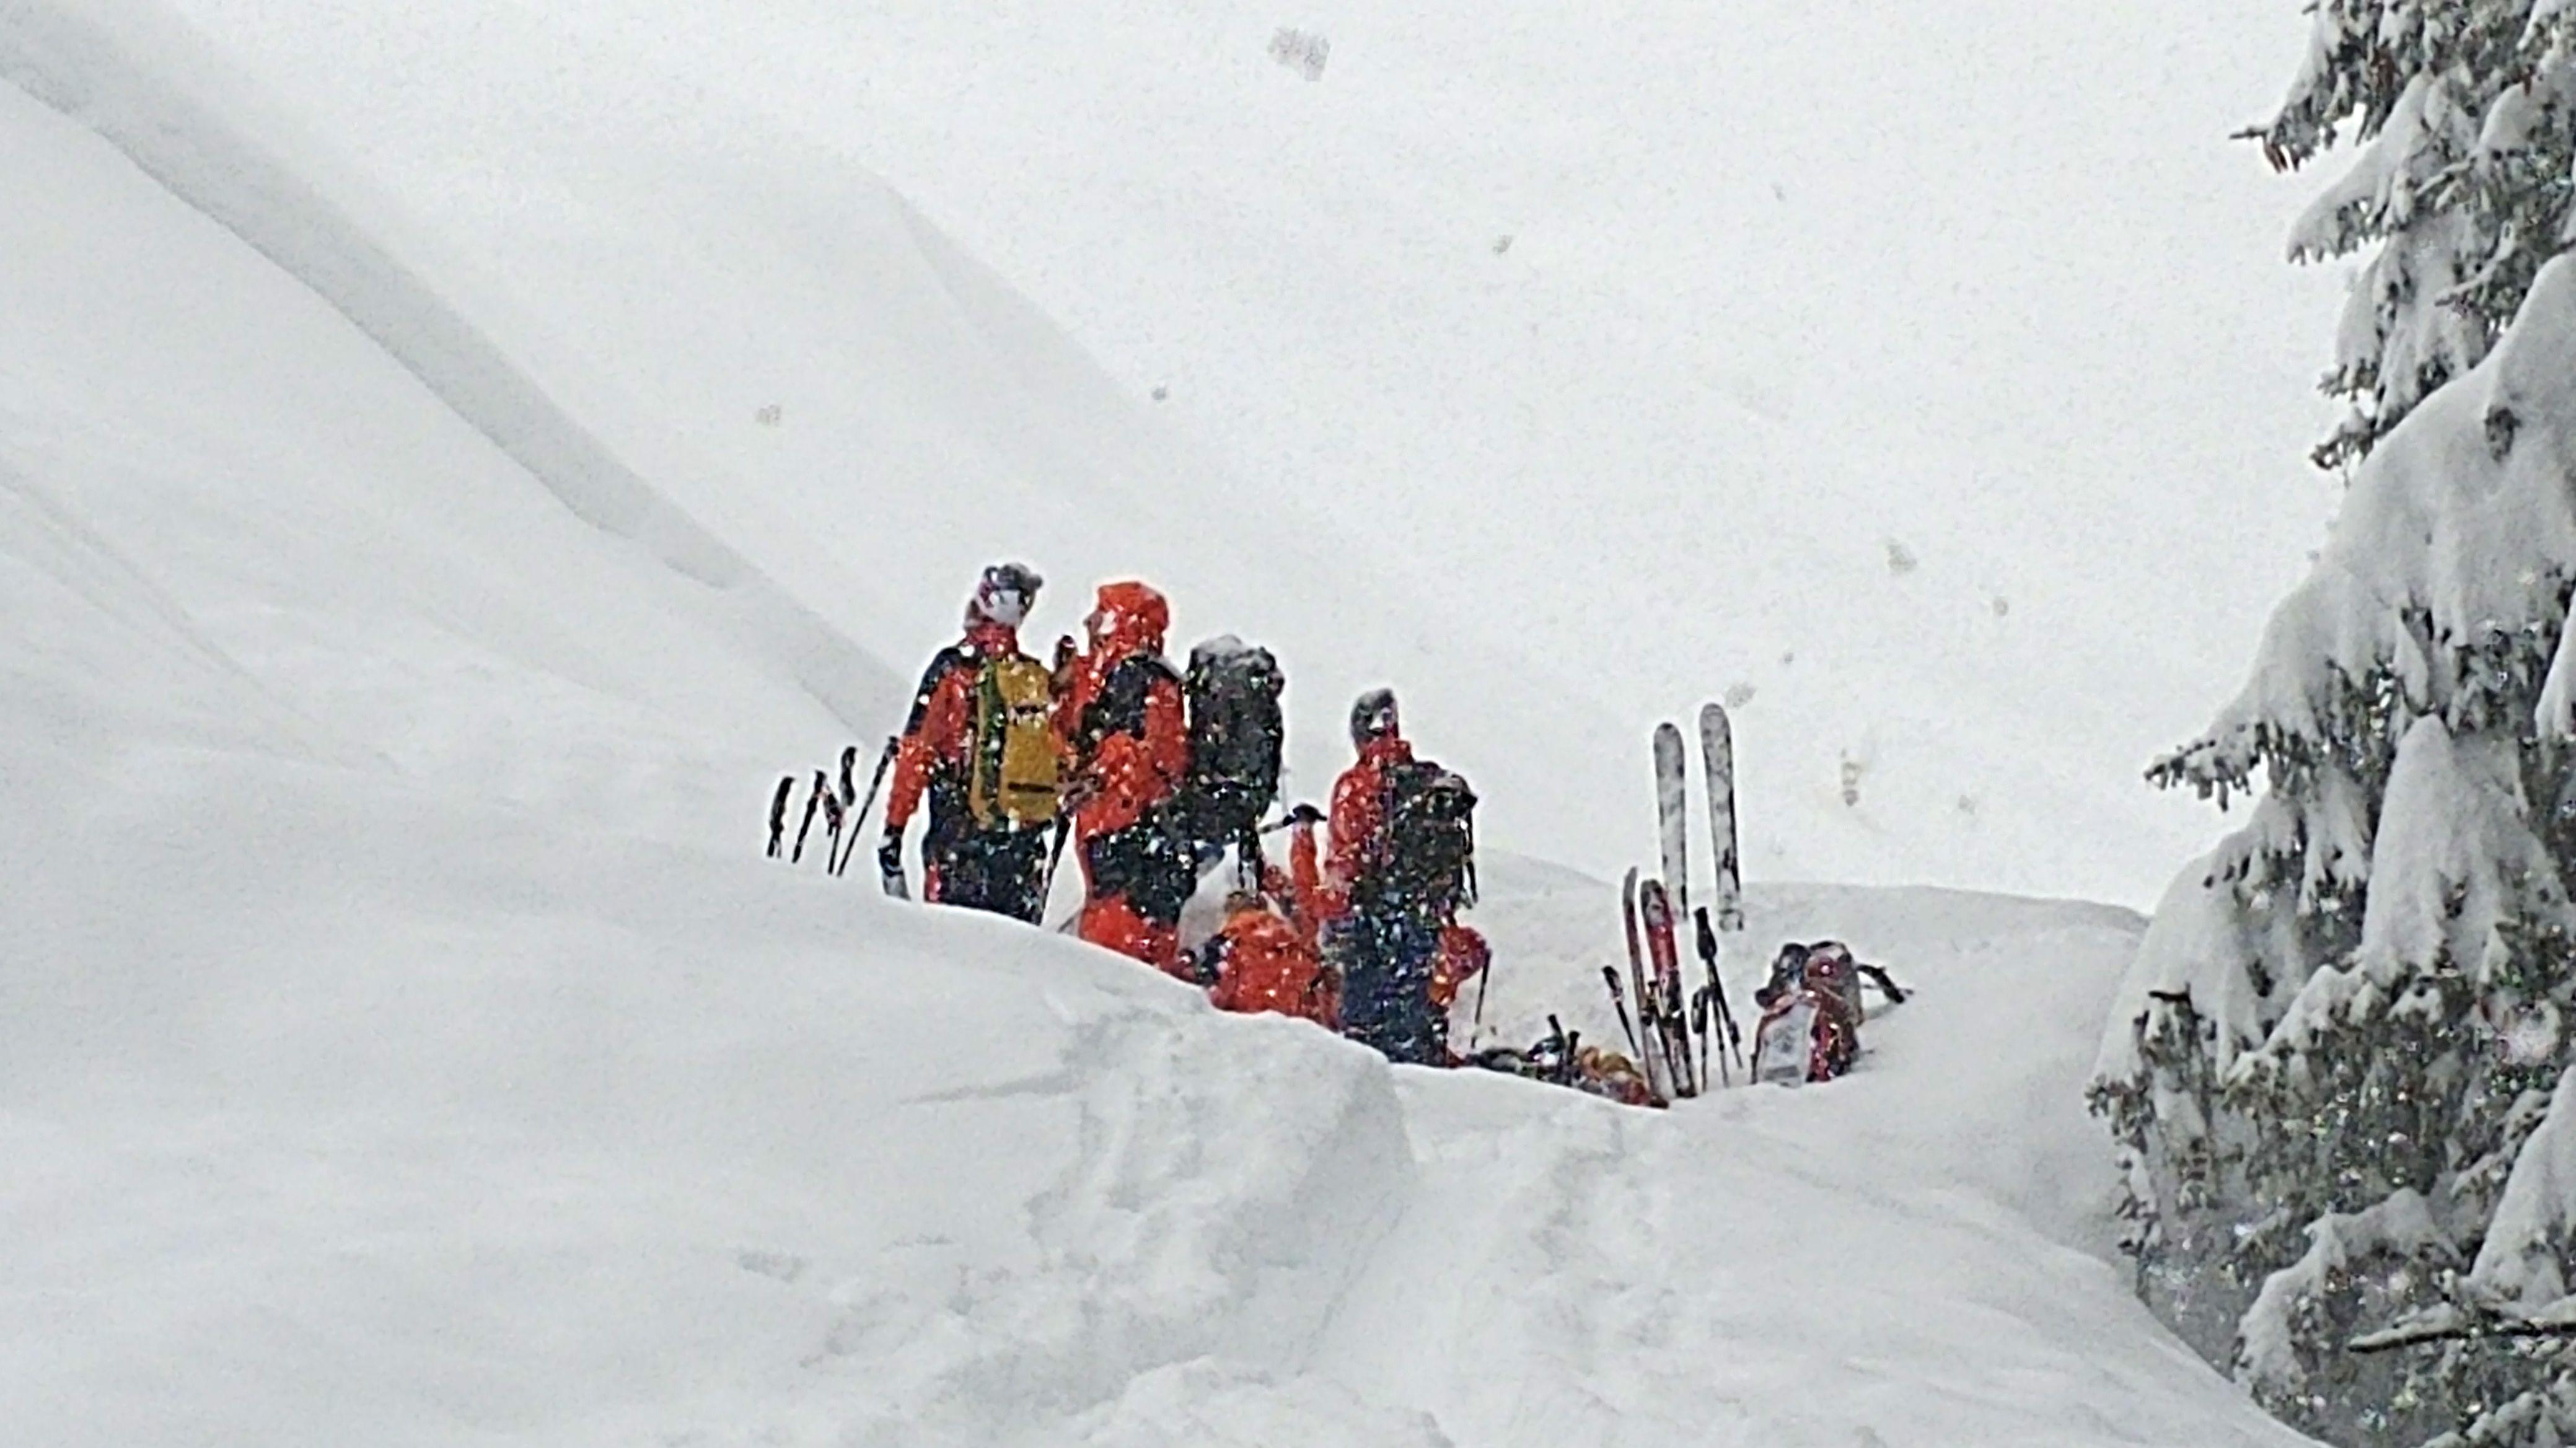 Bergrettung in Österreich (Symbolbild)